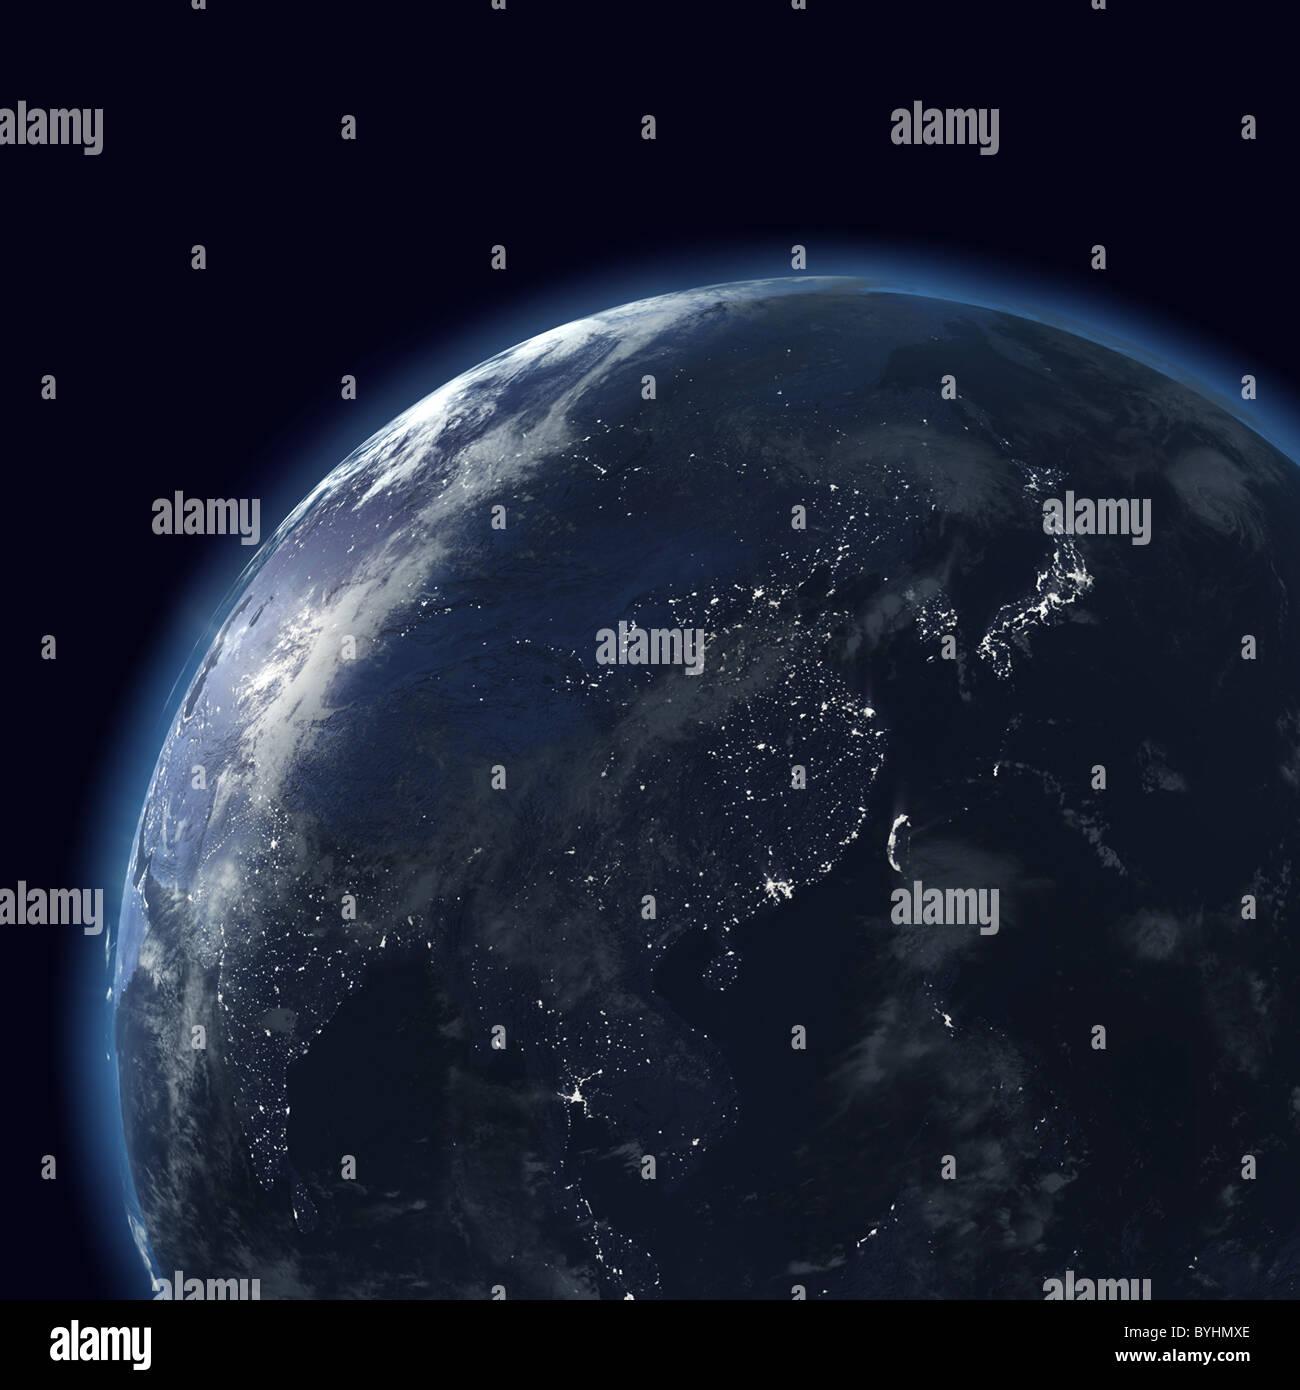 Nacht-Globus mit Lichter der Stadt, detaillierte Karte von Osten, Japan, China, Indien, Indonesien Stockbild